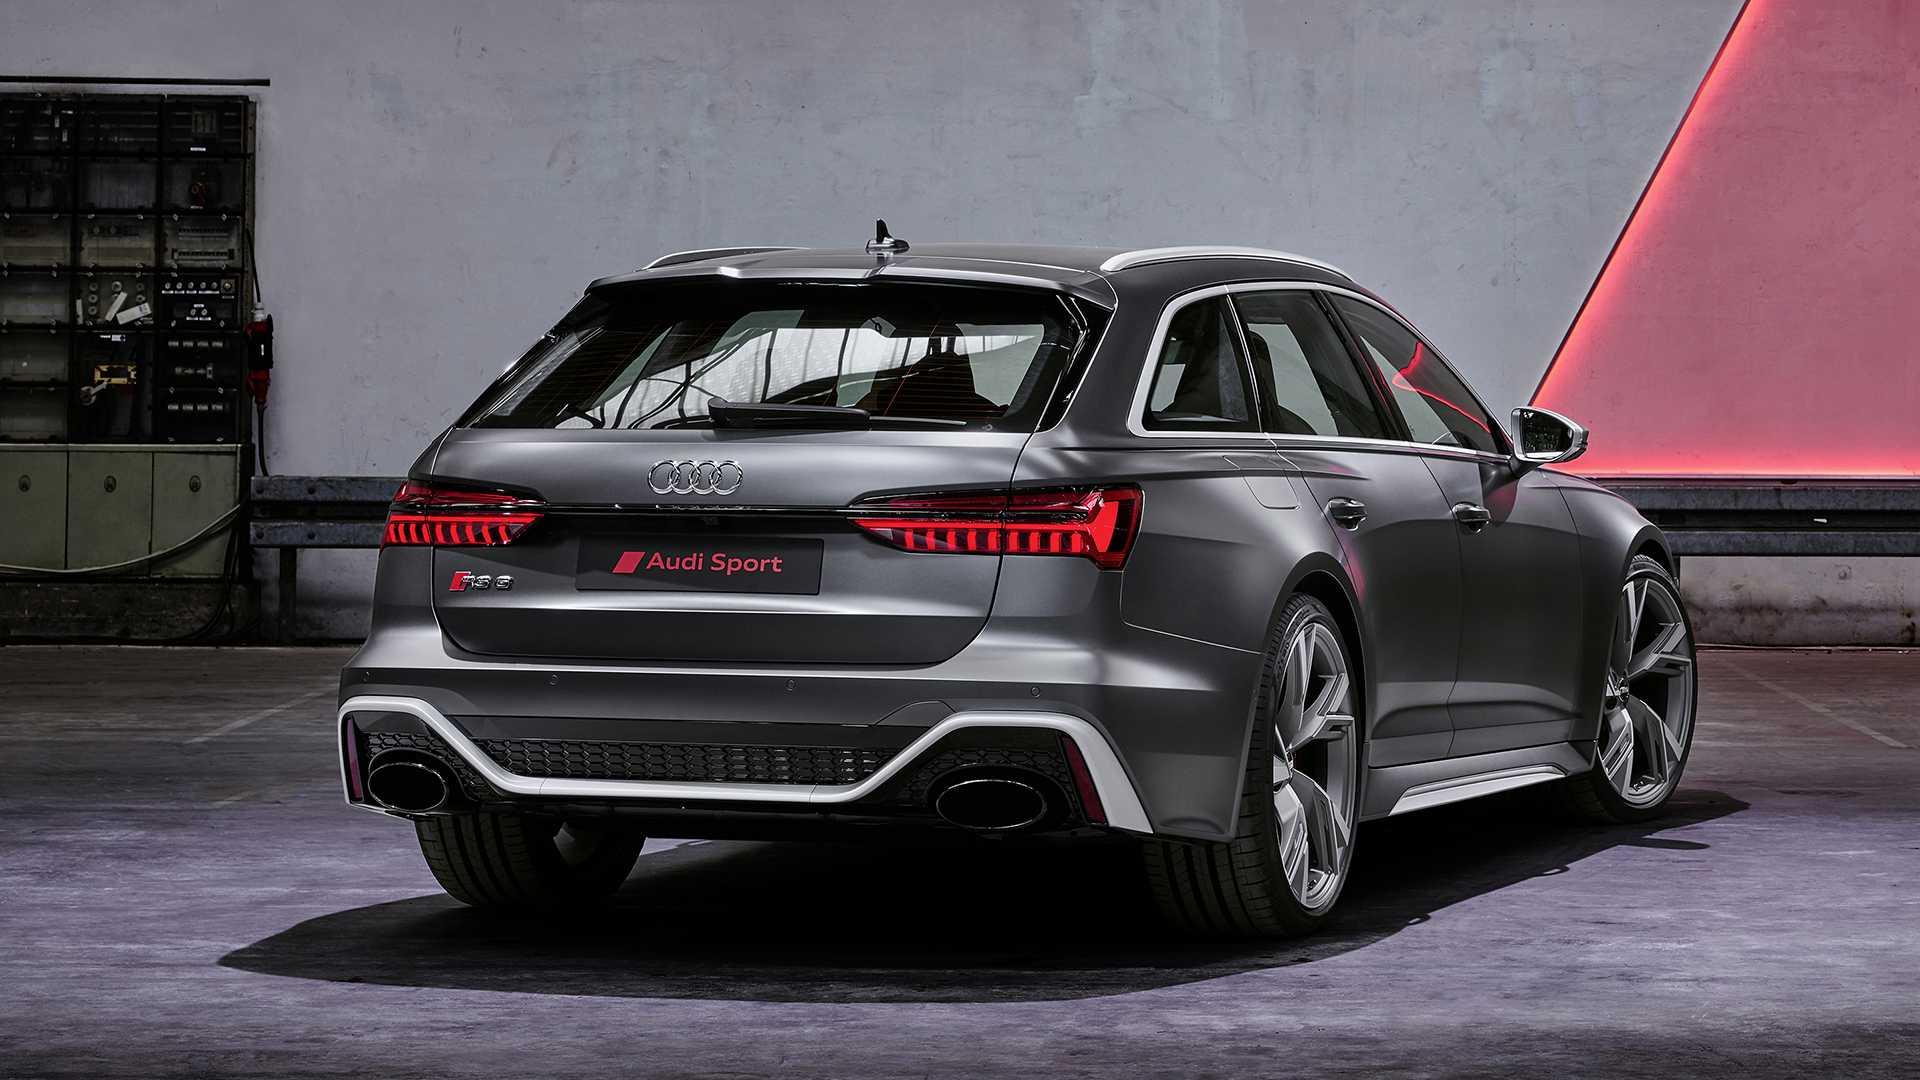 Audi RS6 Avant lần đầu ra mắt tại Mỹ kỷ niệm 25 năm dòng xe RS của Audi - 10